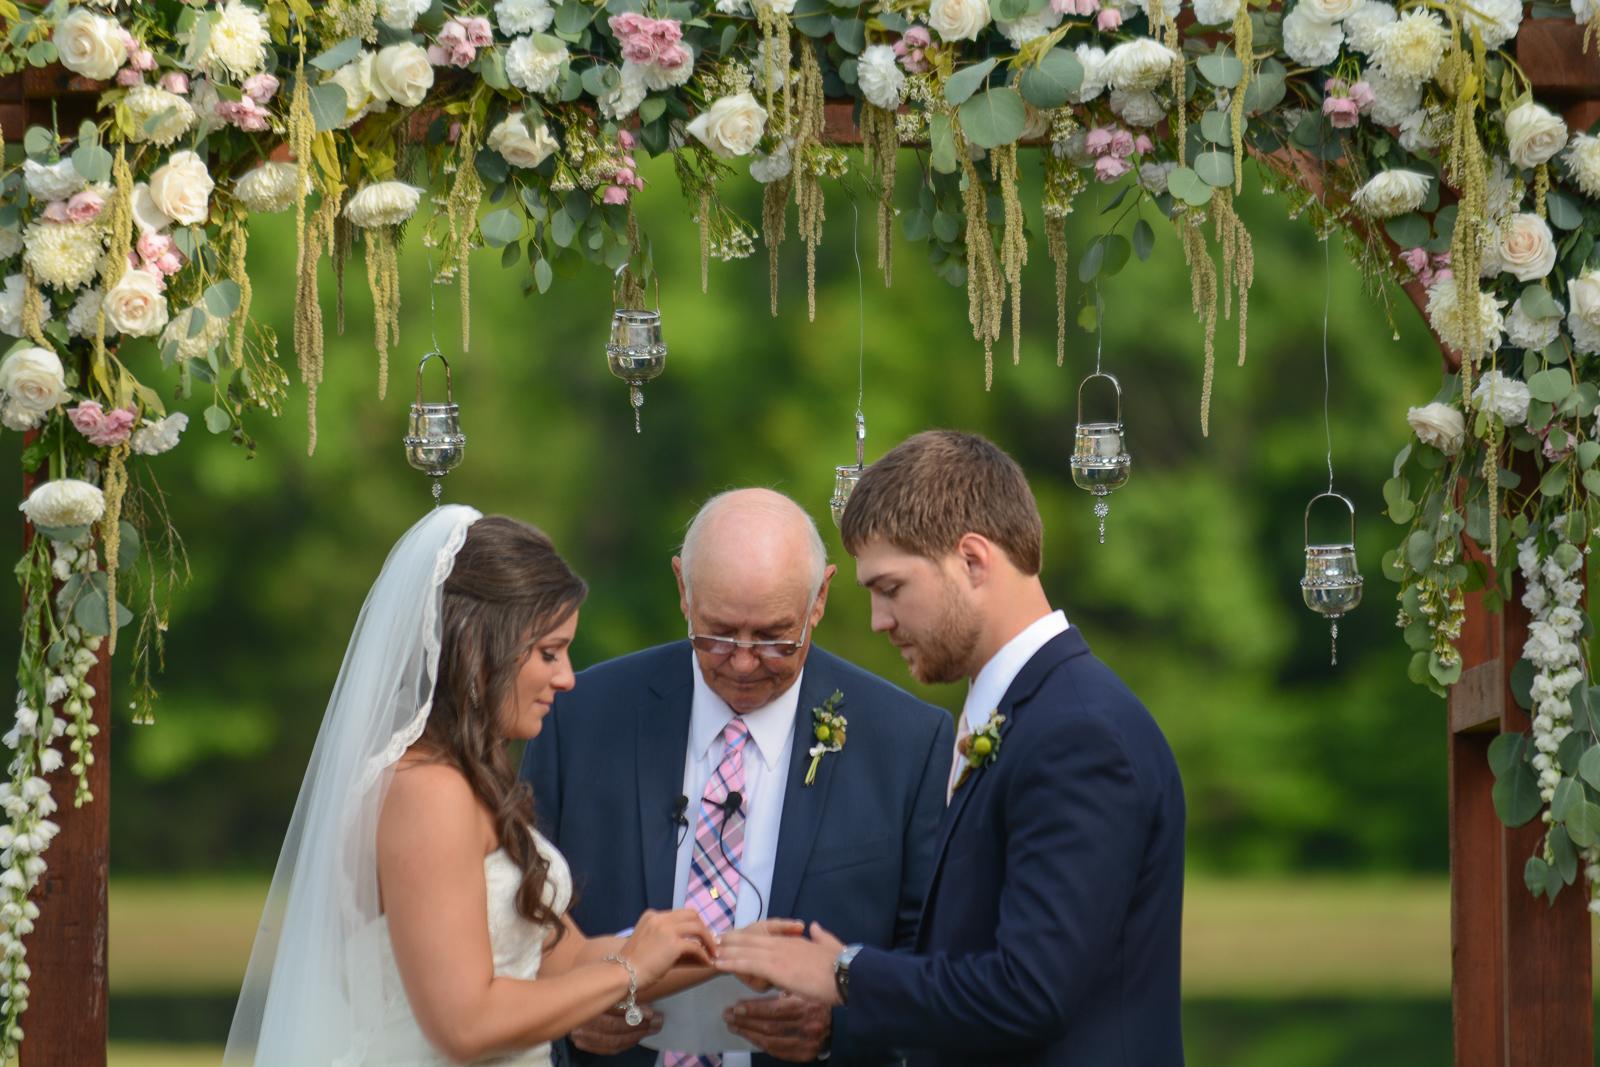 Chattanooga-Wedding-Photography-3.jpg